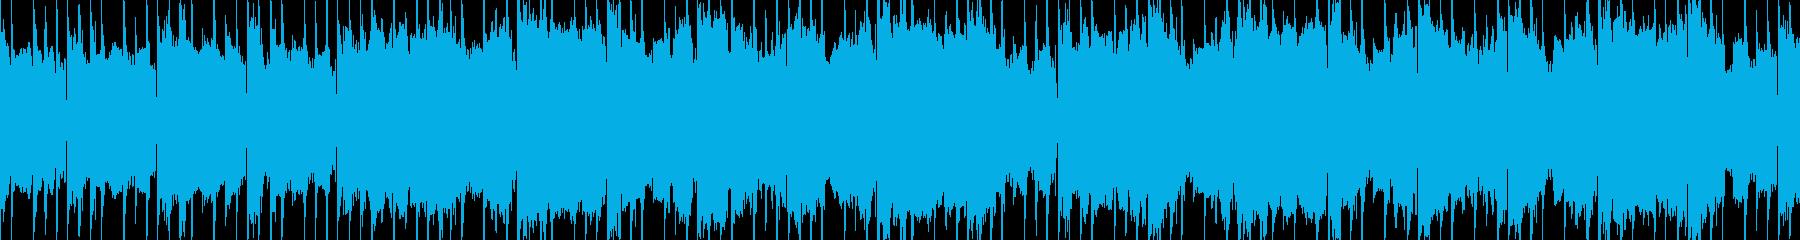 ループ素材 何か始まる・期待感・ほのぼのの再生済みの波形